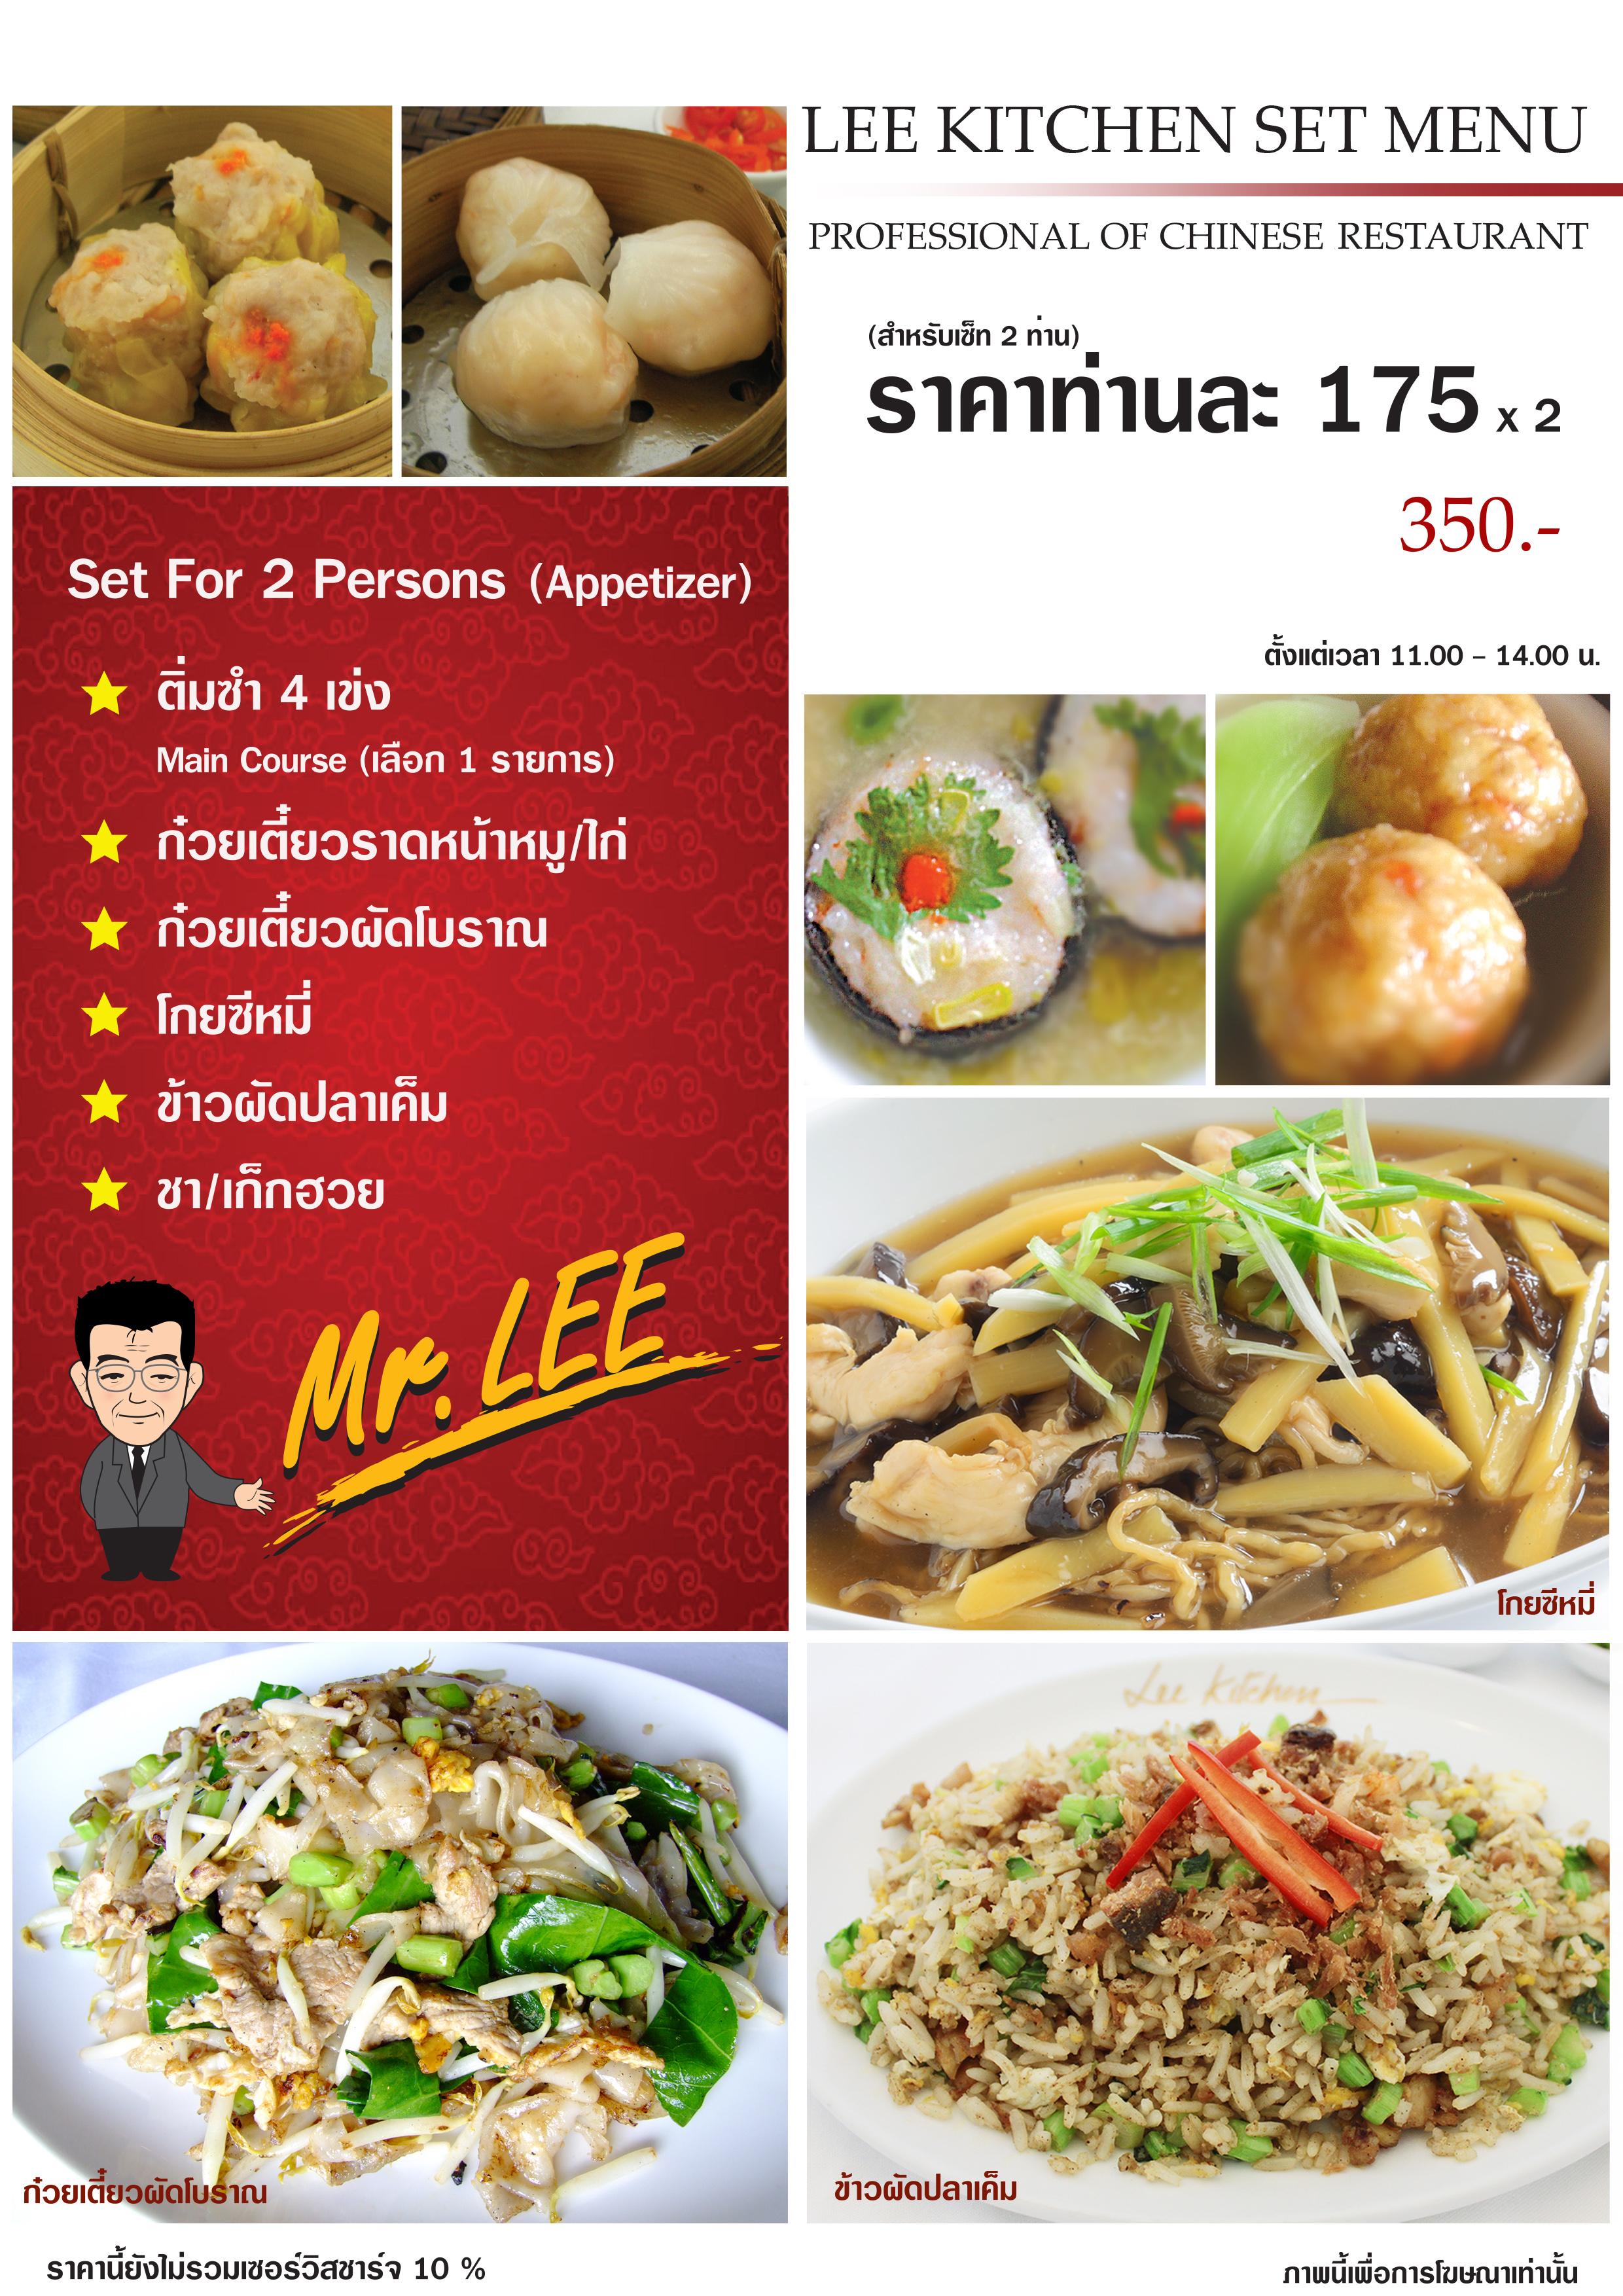 lee kitchen - Lees Kitchen Menu